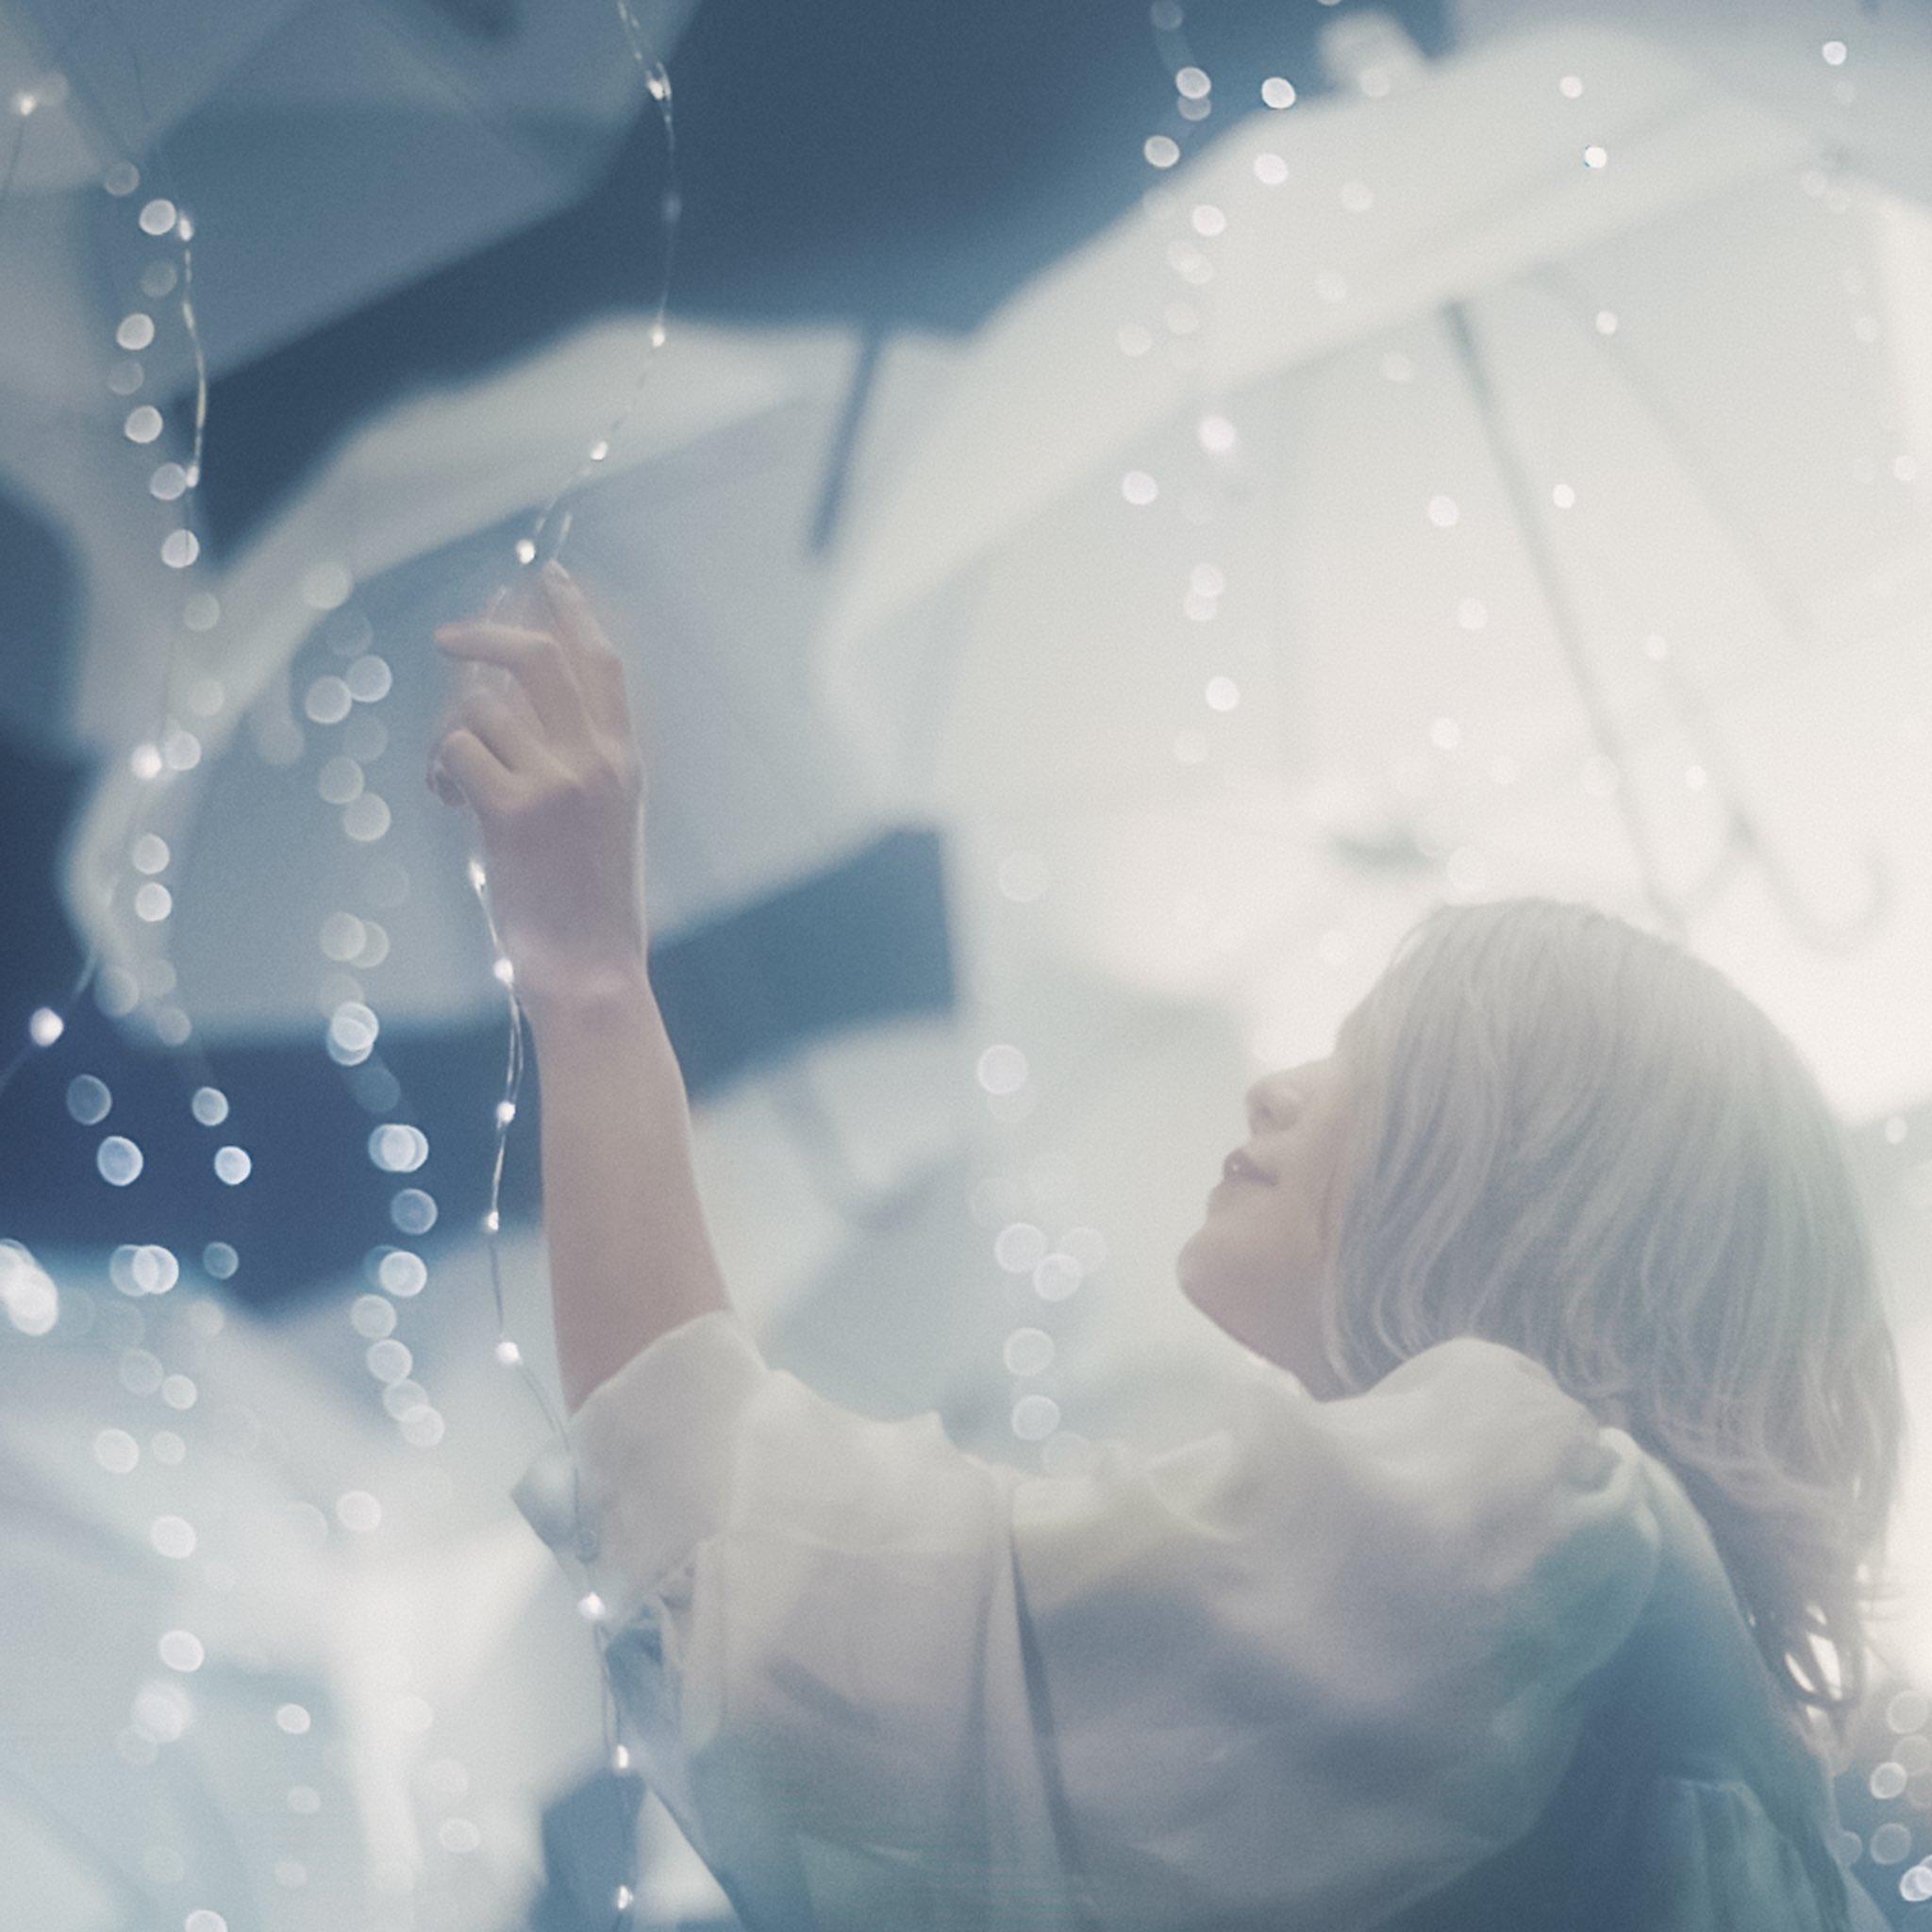 ハラミちゃん - 雨